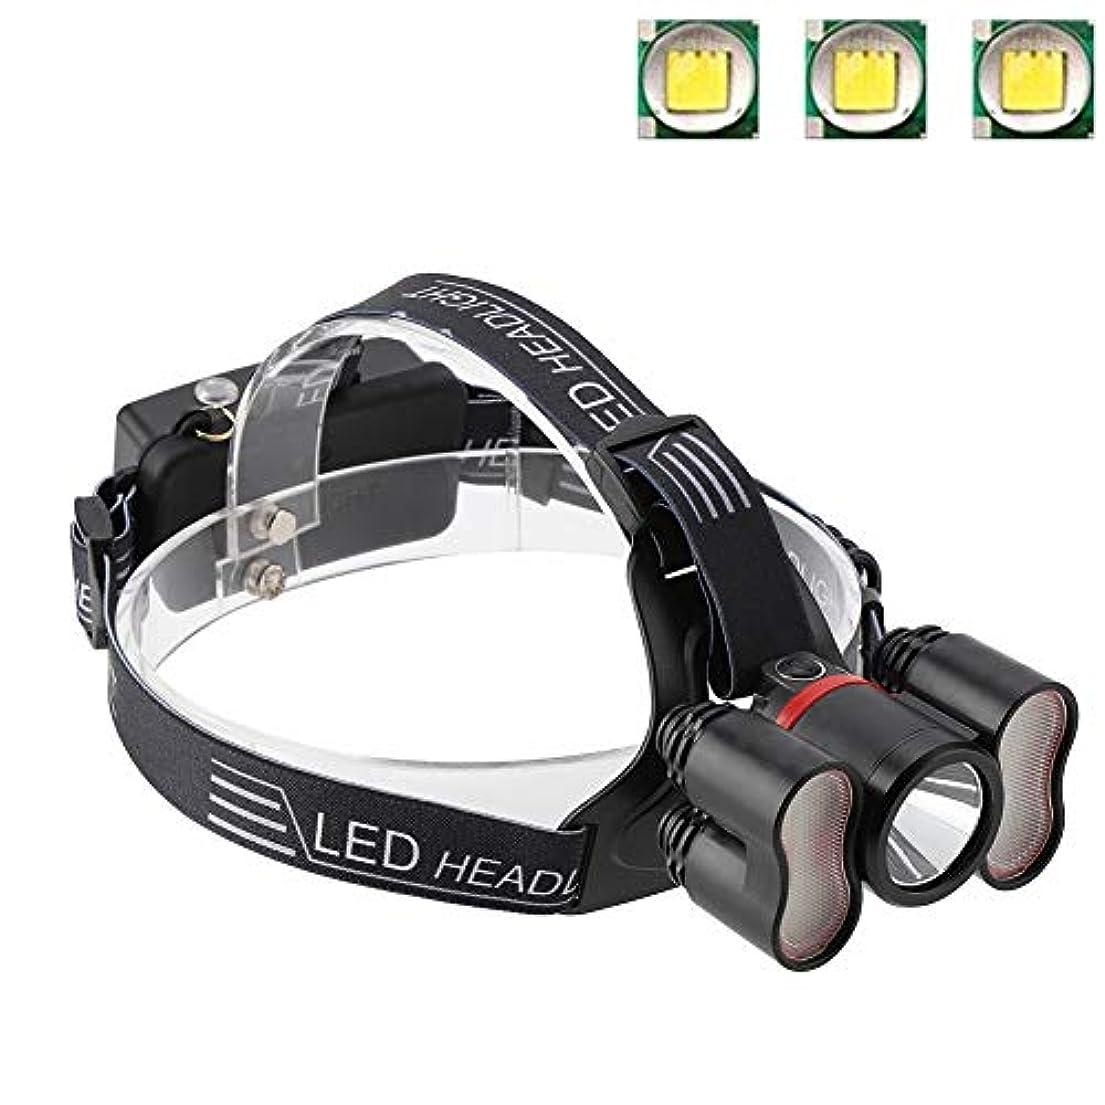 新着昇進ユーモアヘッドライト懐中電灯、2000LMヘッドライト18650 LED USB充電式防水トラベルヘッドトーチキャンプランプランニングハイキング釣りに適して(#1)